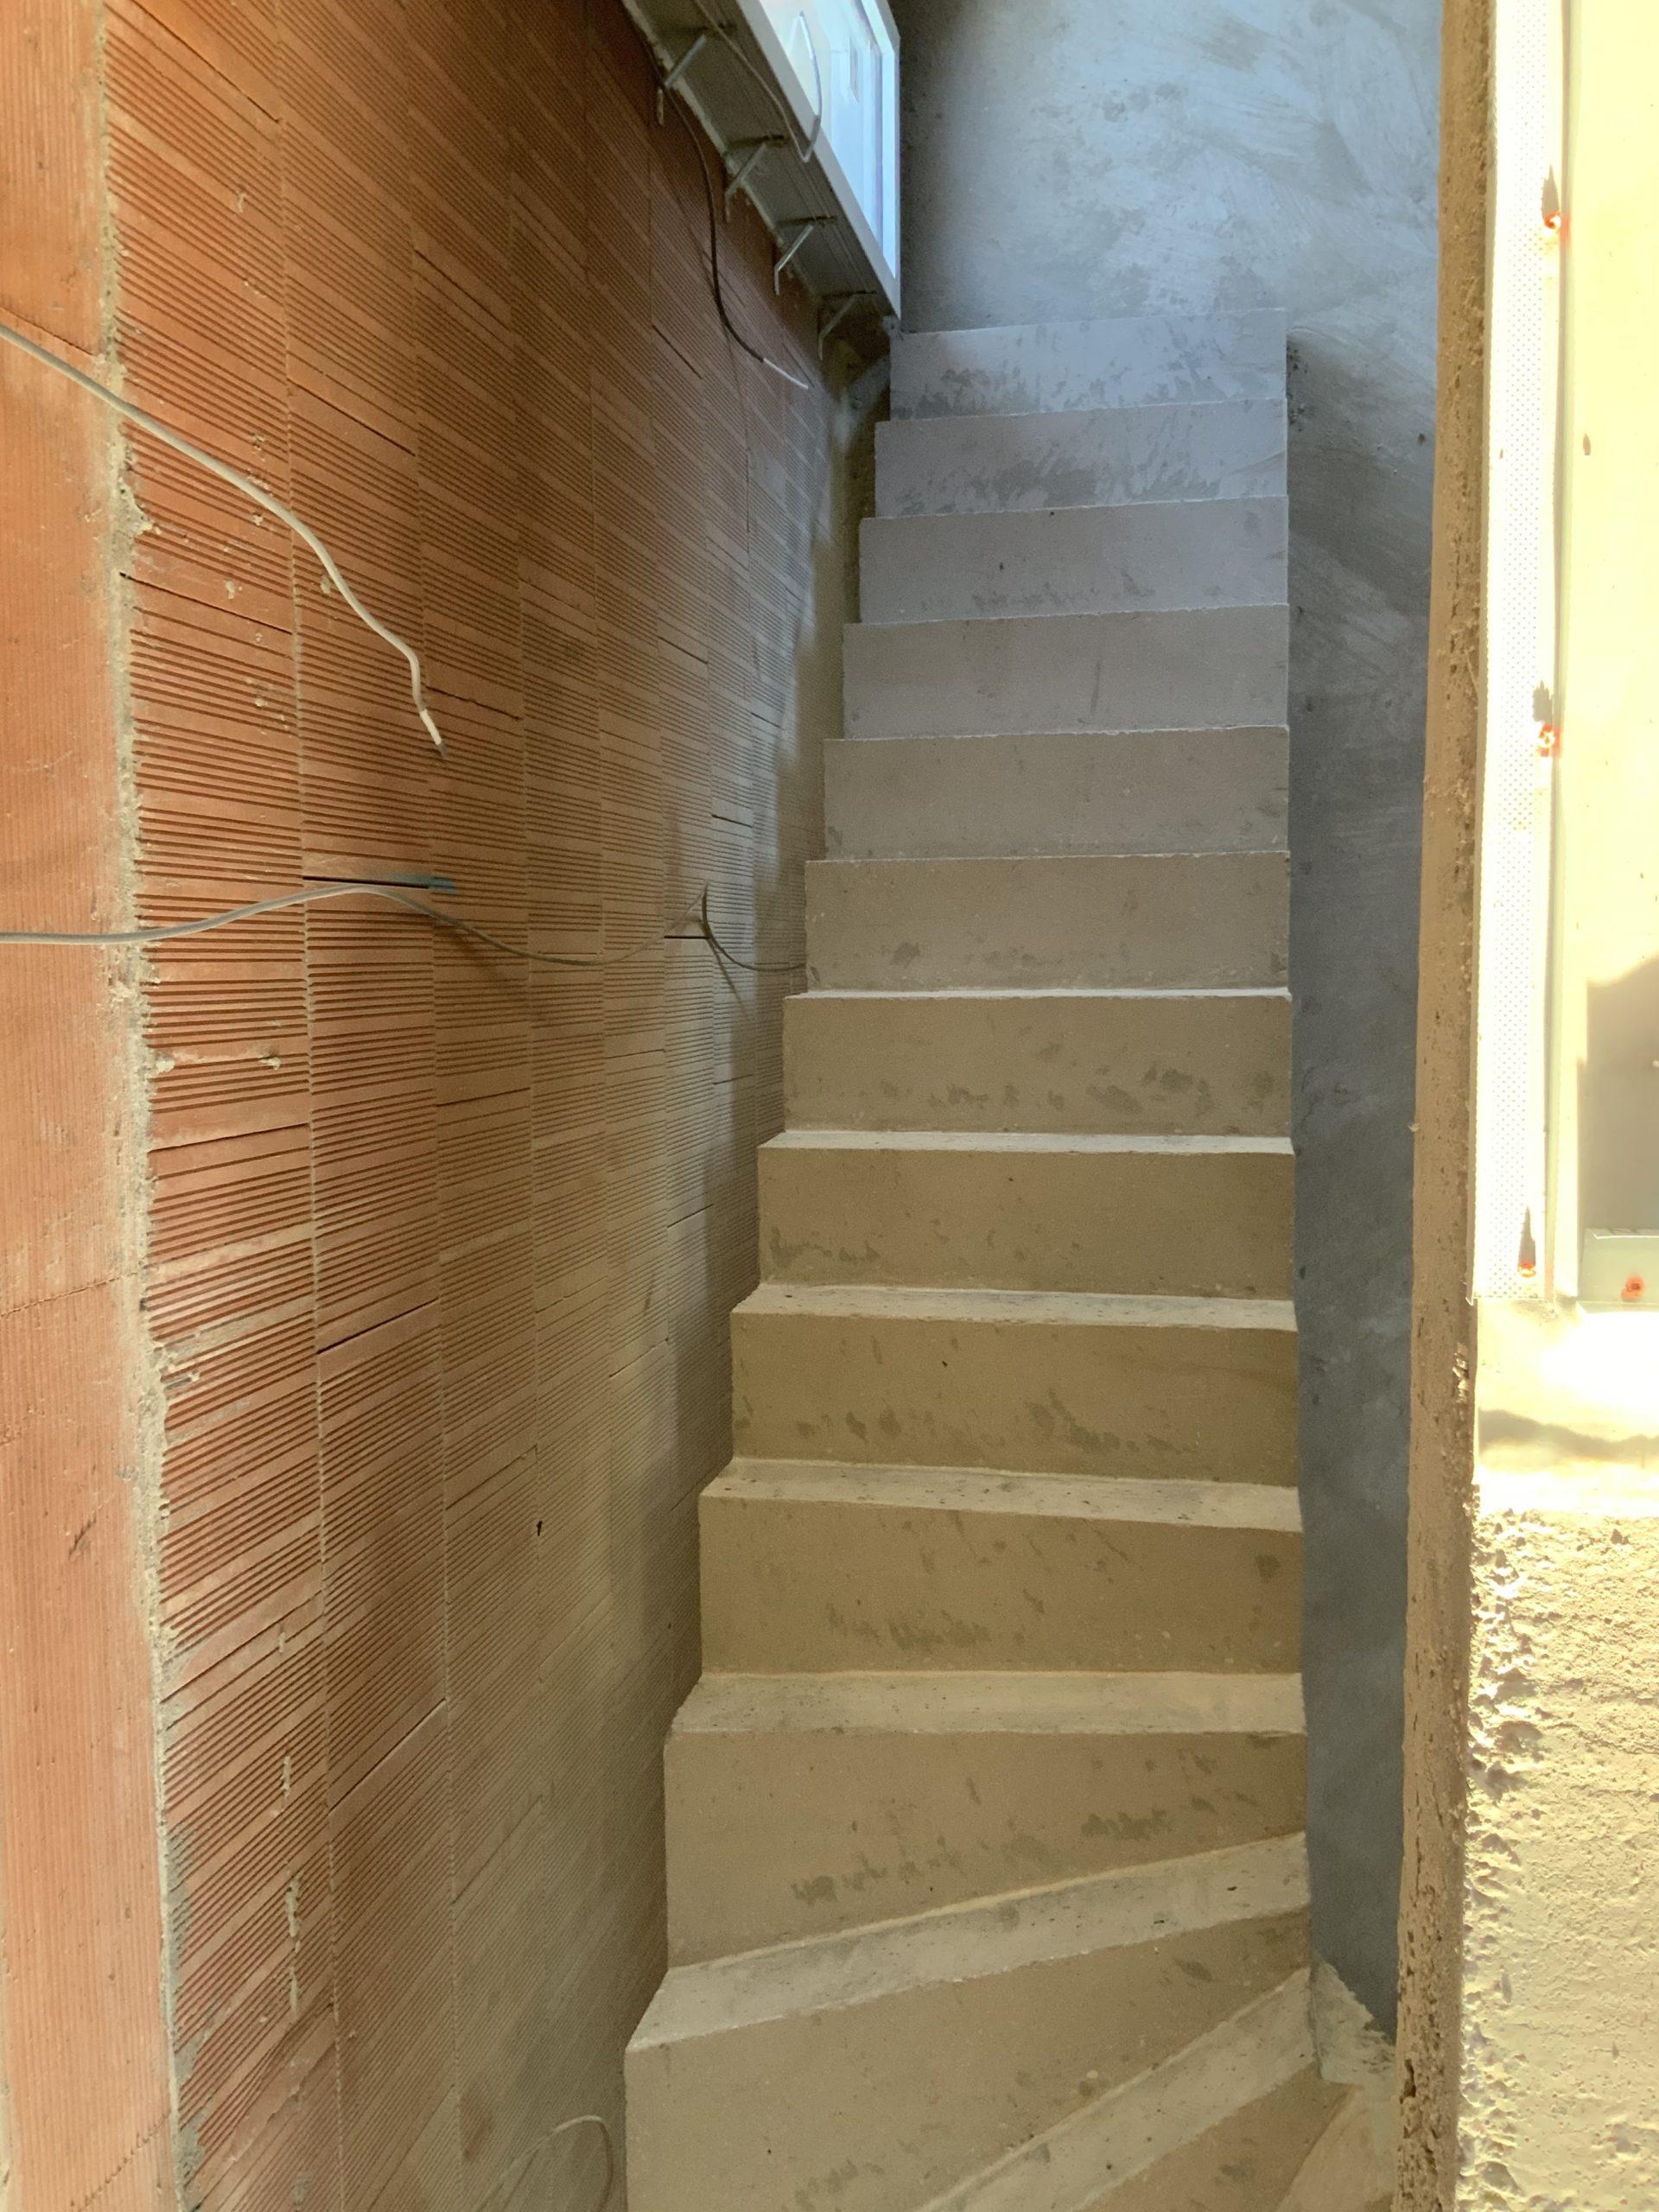 escalier béton à paillasse   d'une maison individuelle  en béton brut de décoffrage  À Bruges près de Mérignac et Bordeaux en Gironde  pour un constructeur Scal in Aquitaine